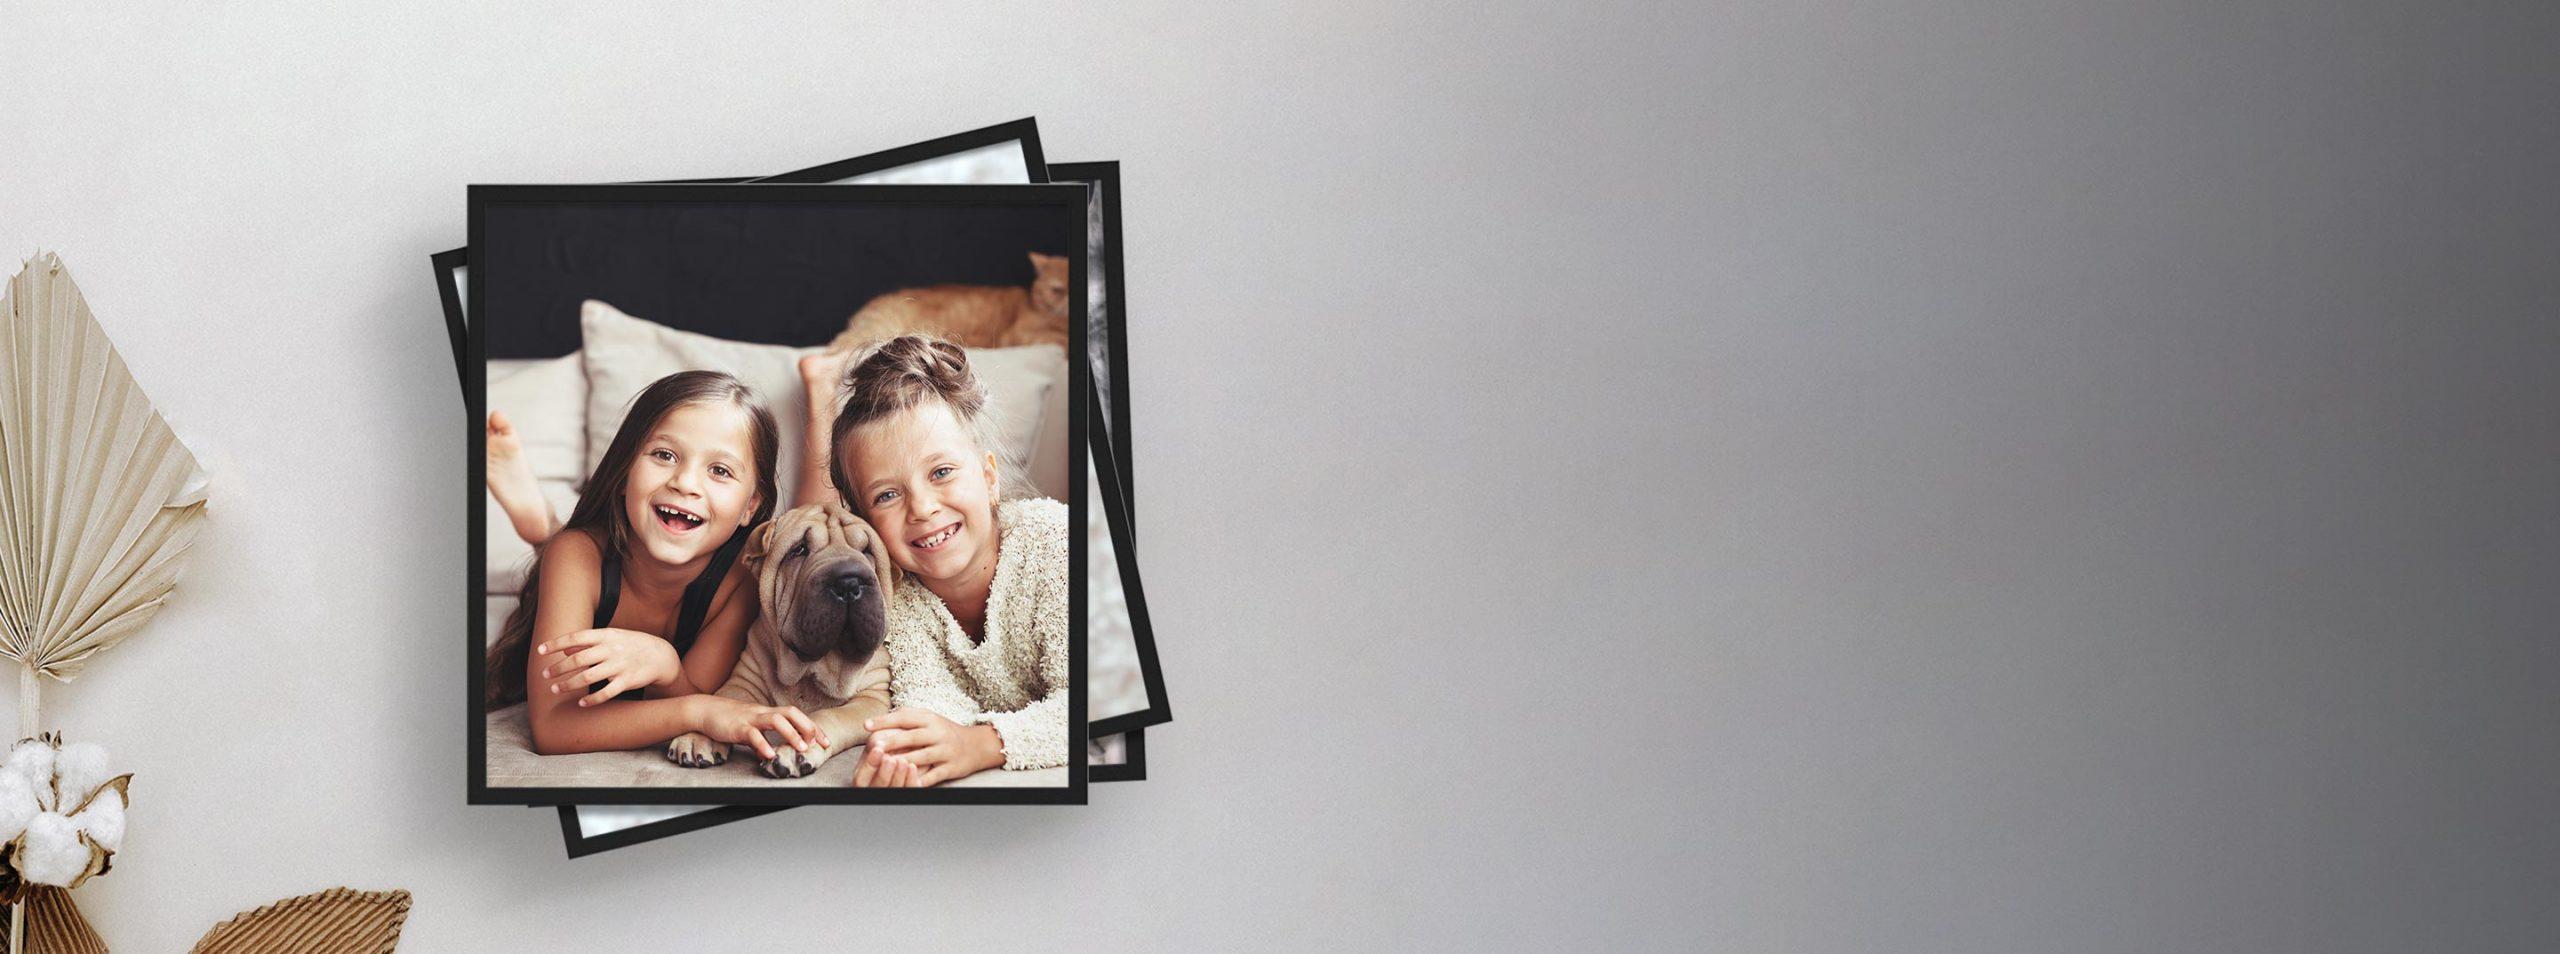 פיתוח והדפסת תמונות היום, זה לופה בריבוע